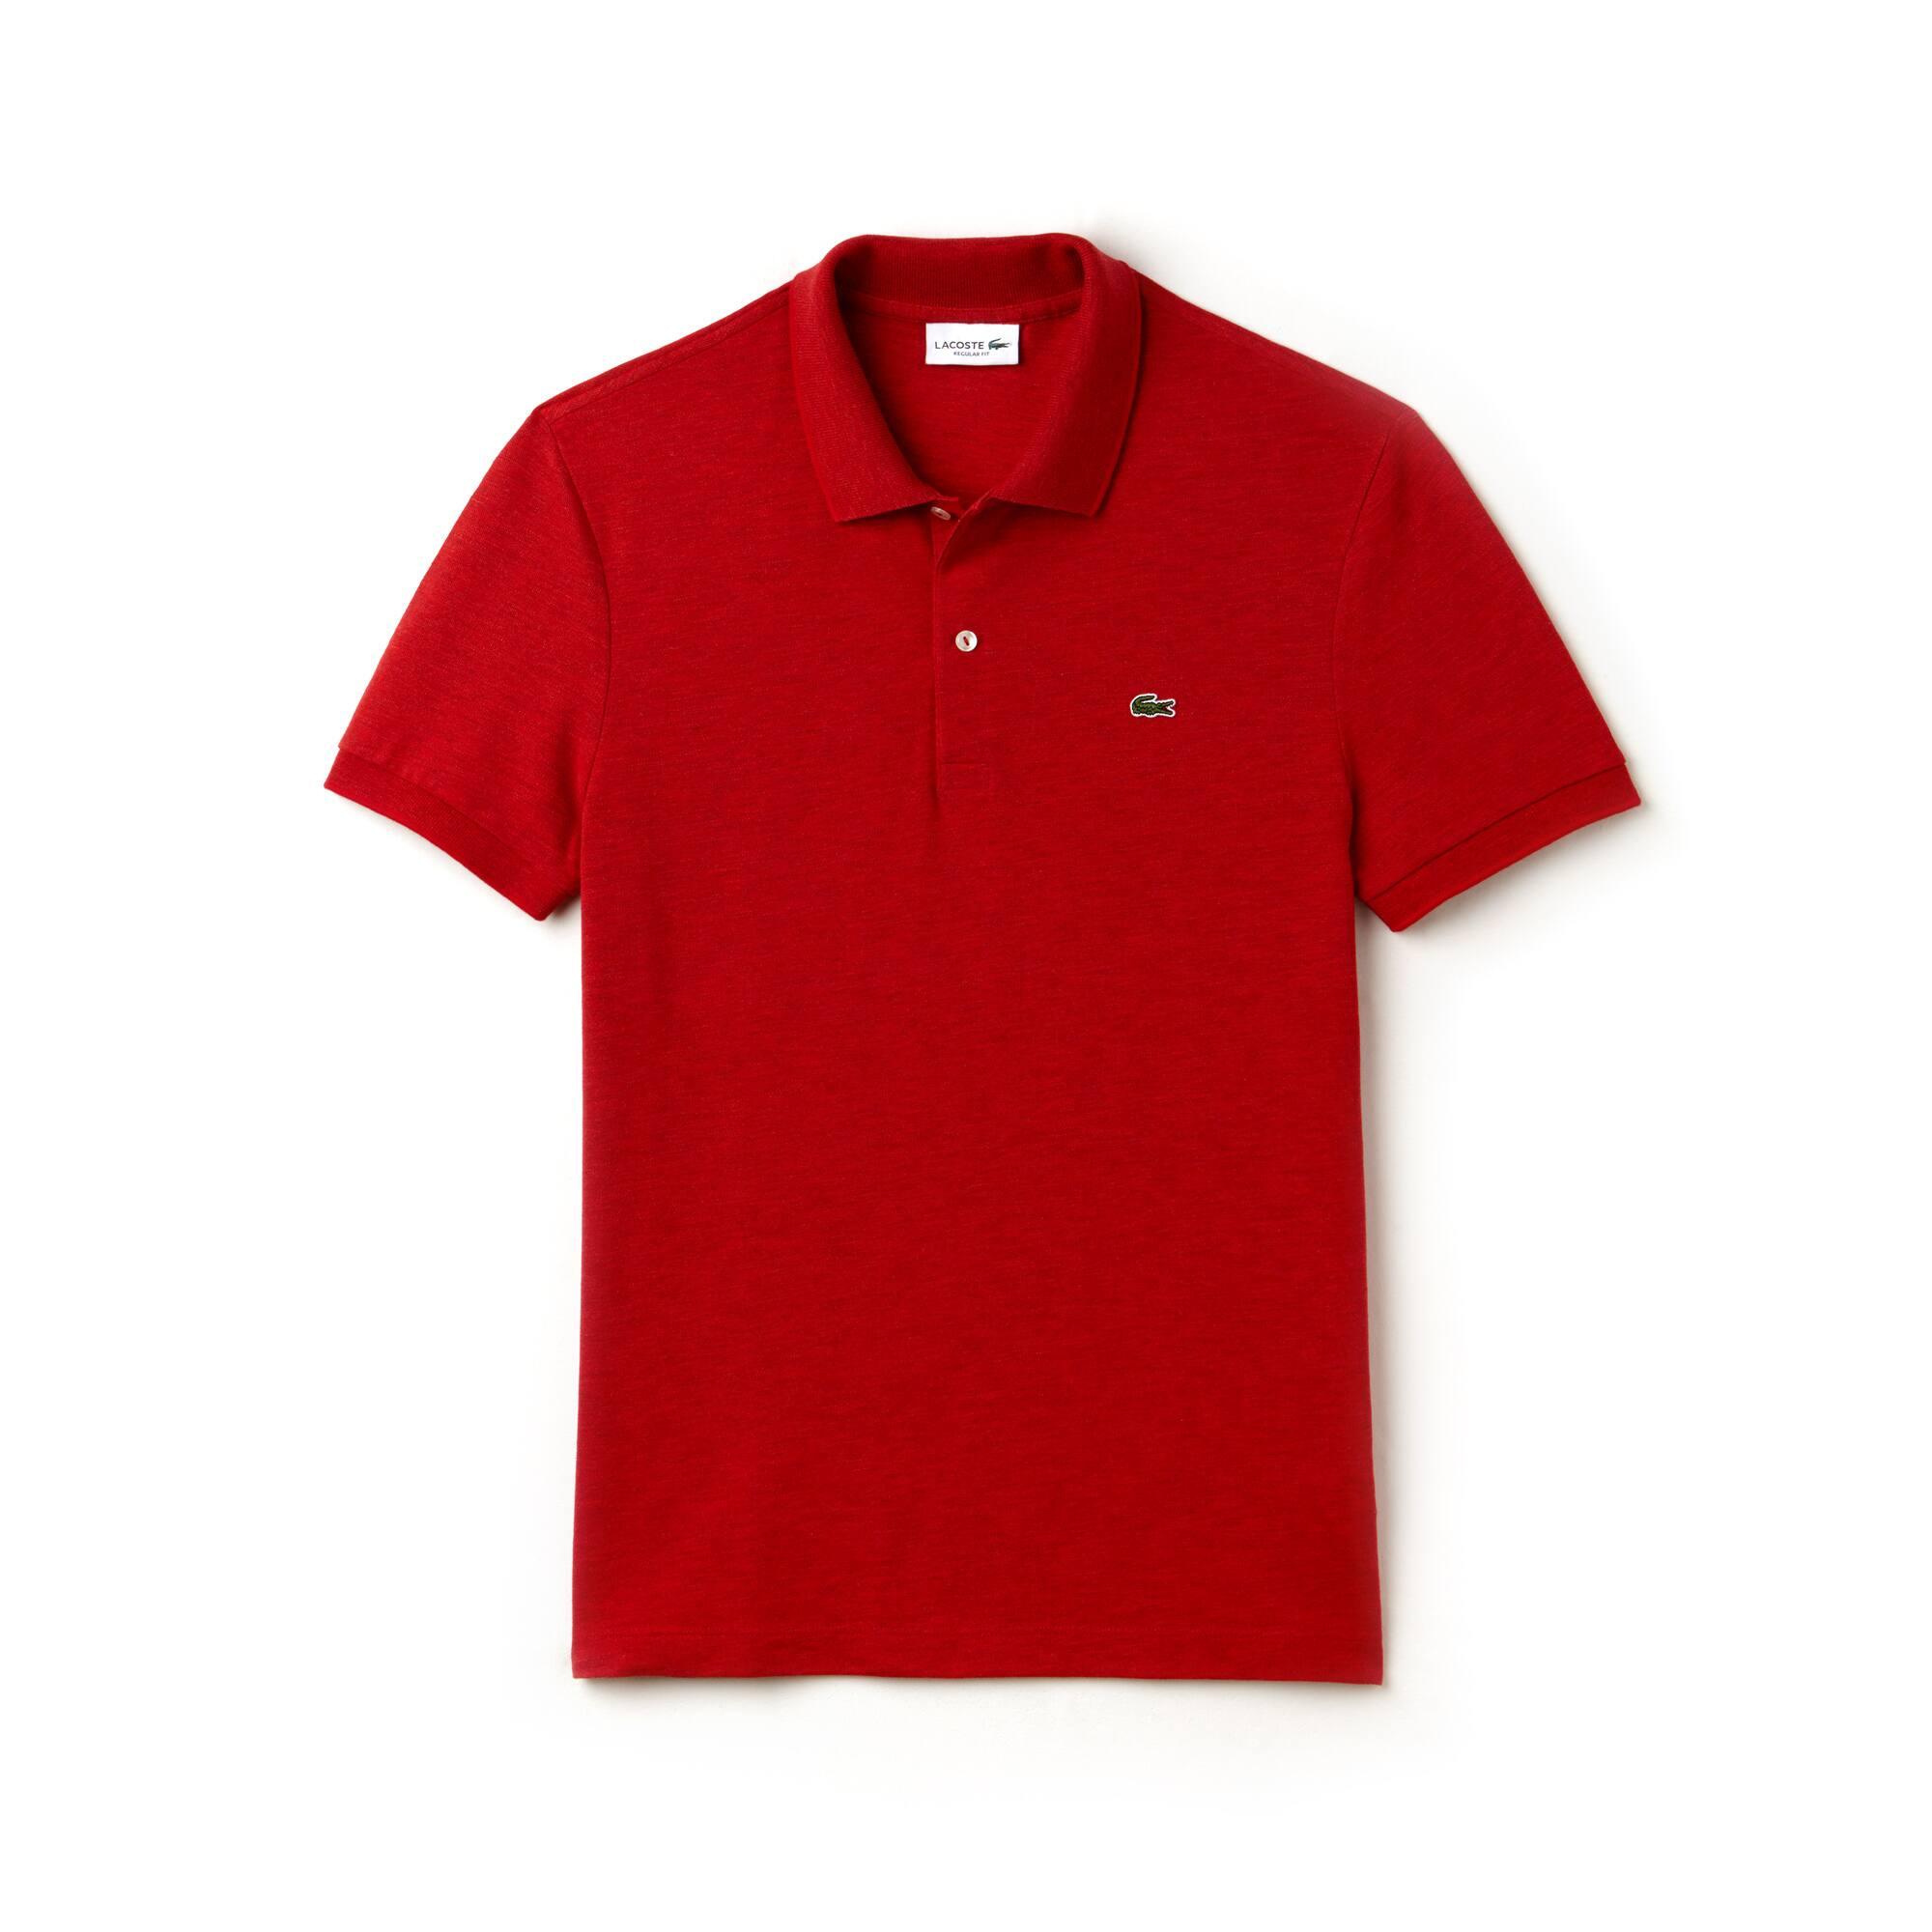 Regular Fit Herren-Poloshirt aus weichem Piqué